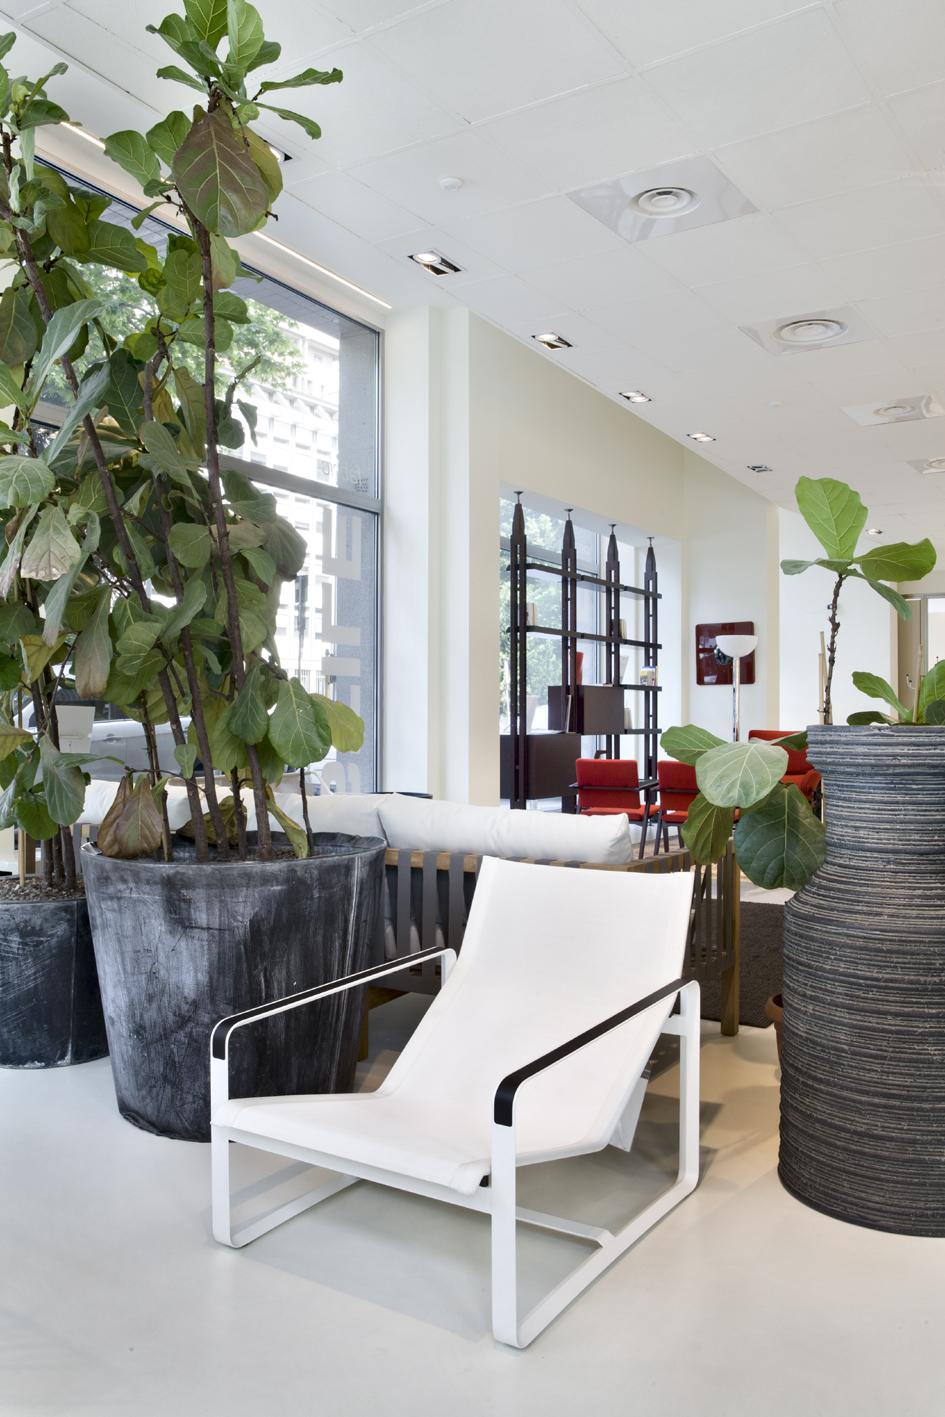 Negozi mobili brescia la bottega negozio di mobili google for Design interni brescia